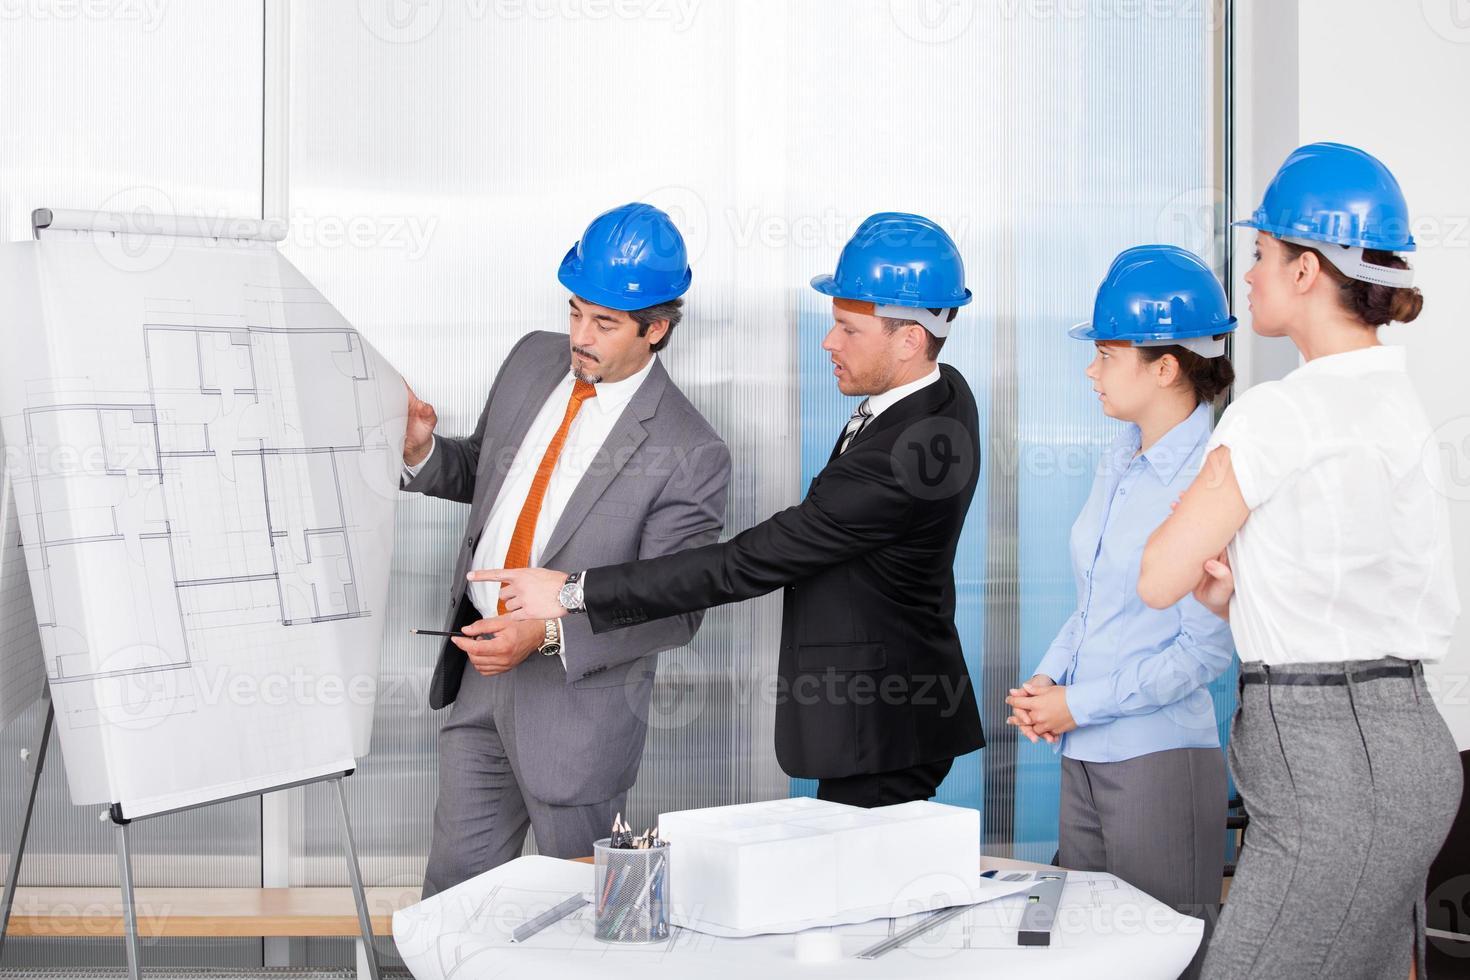 architetti discutendo piano disegnato sul progetto in ufficio foto